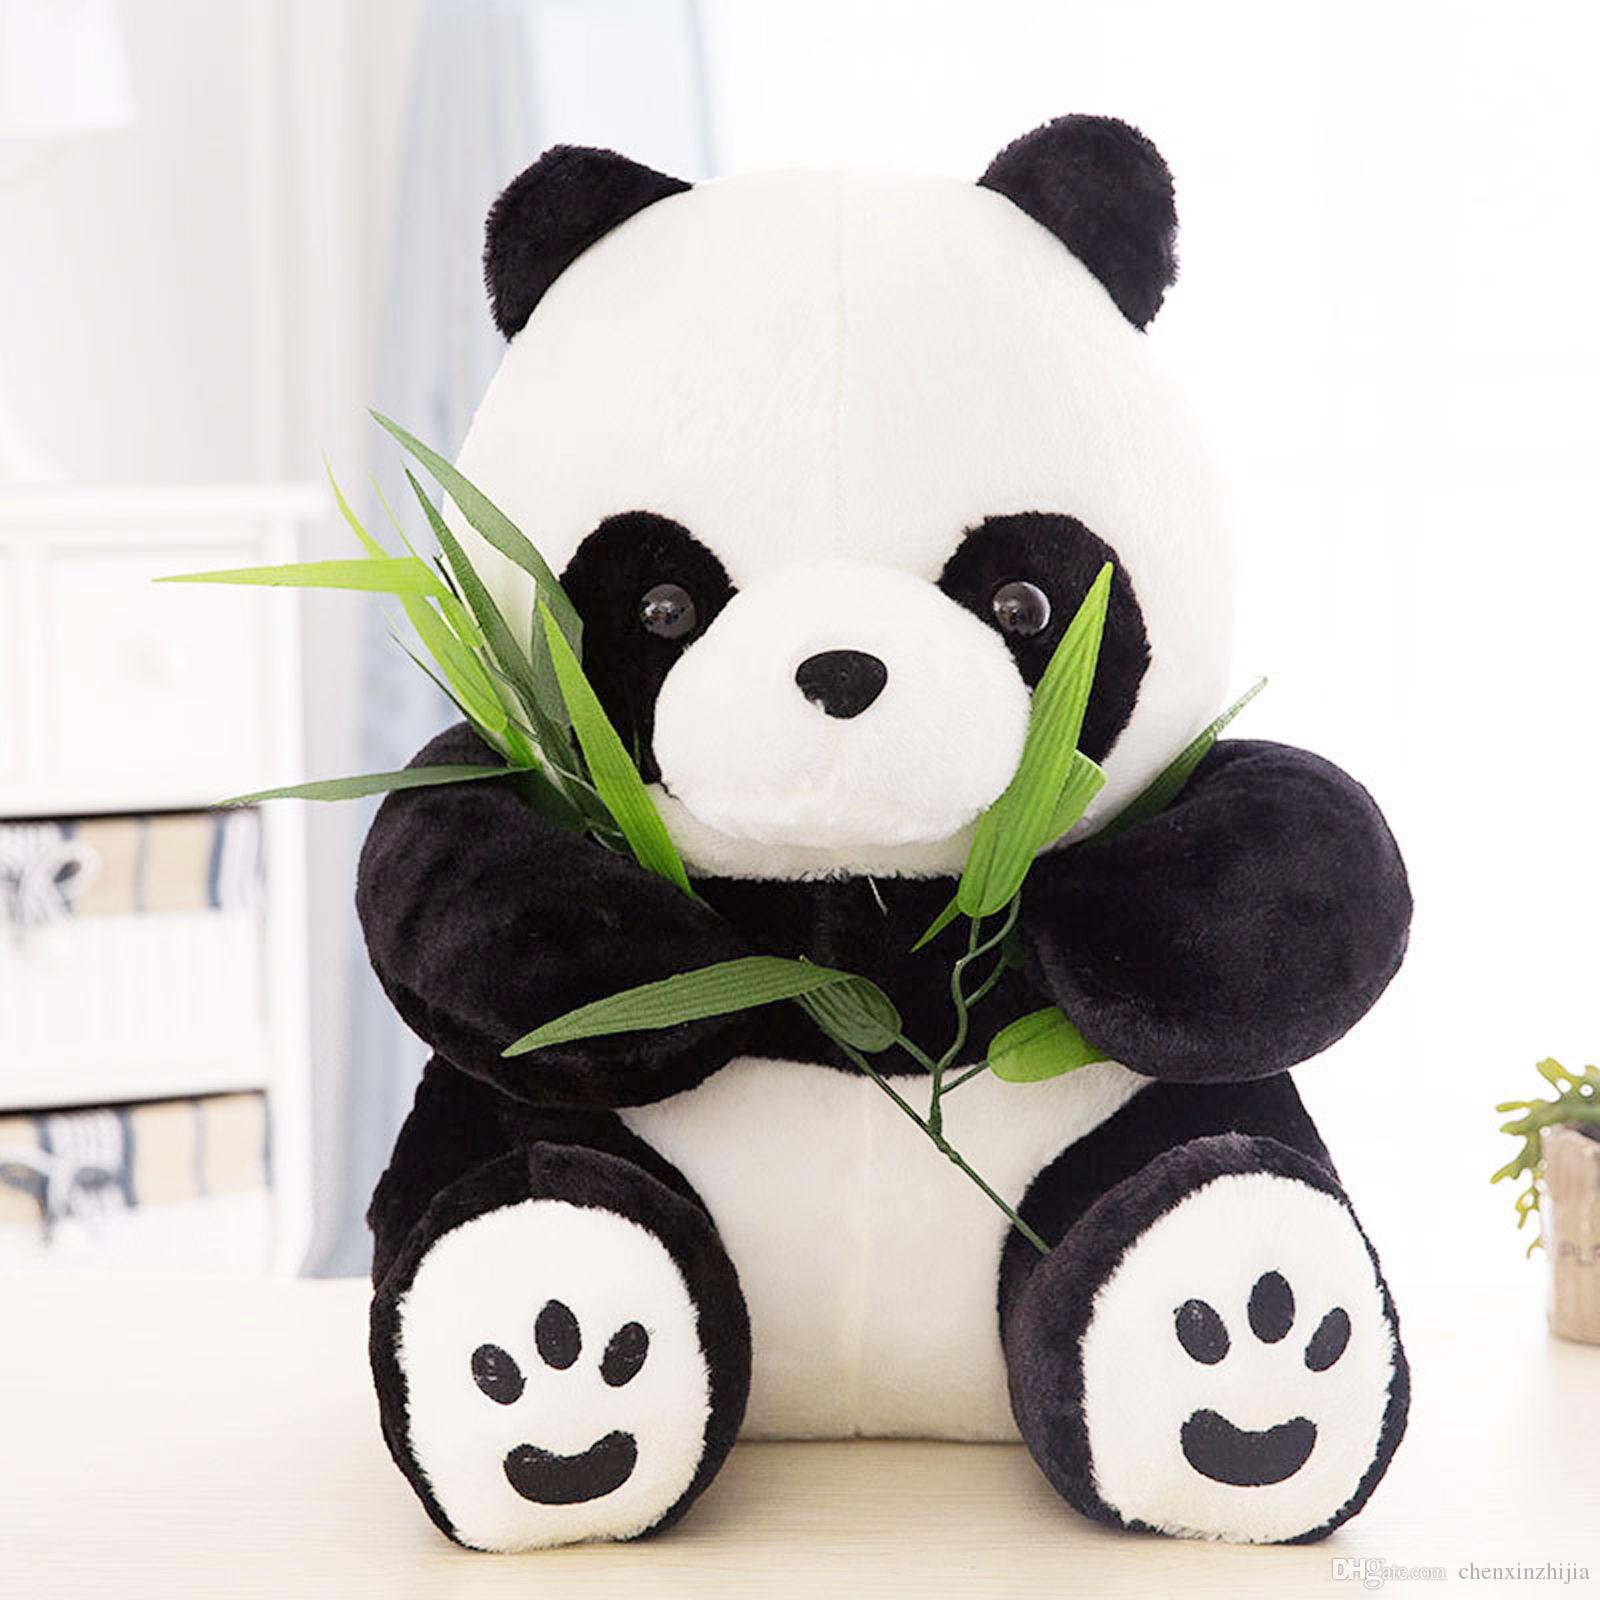 Regalo sveglio poco costoso della bambola del giocattolo della peluche farcito animale della peluche di PANDA dell'orso di qualità poco costosa all'ingrosso di NT